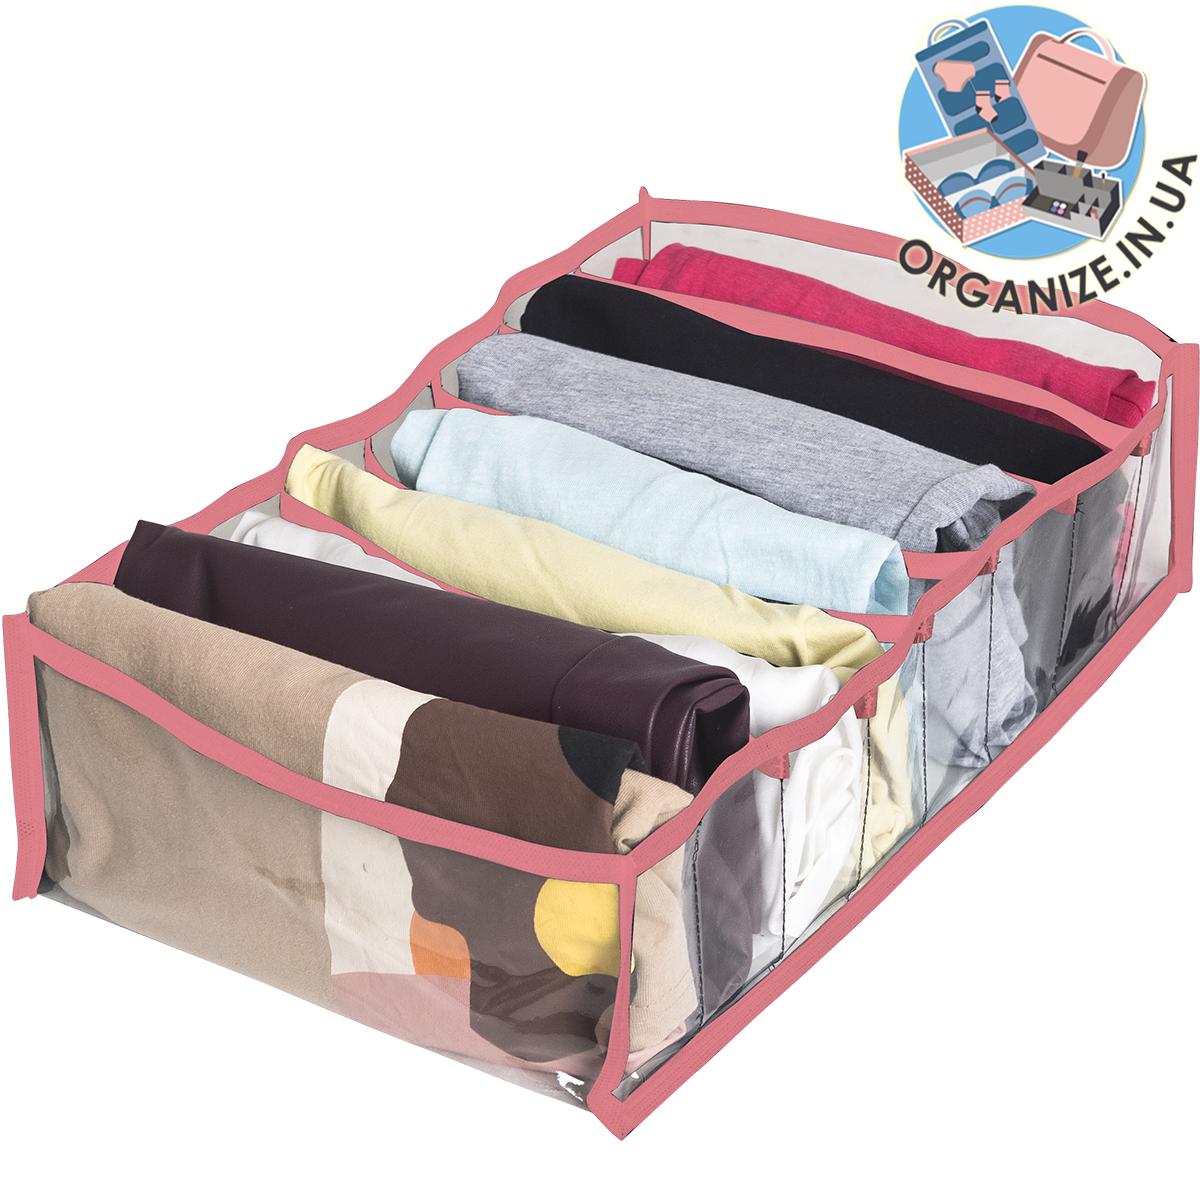 Органайзер для вертикального хранения футболок, регланов, юбок L (розовый)